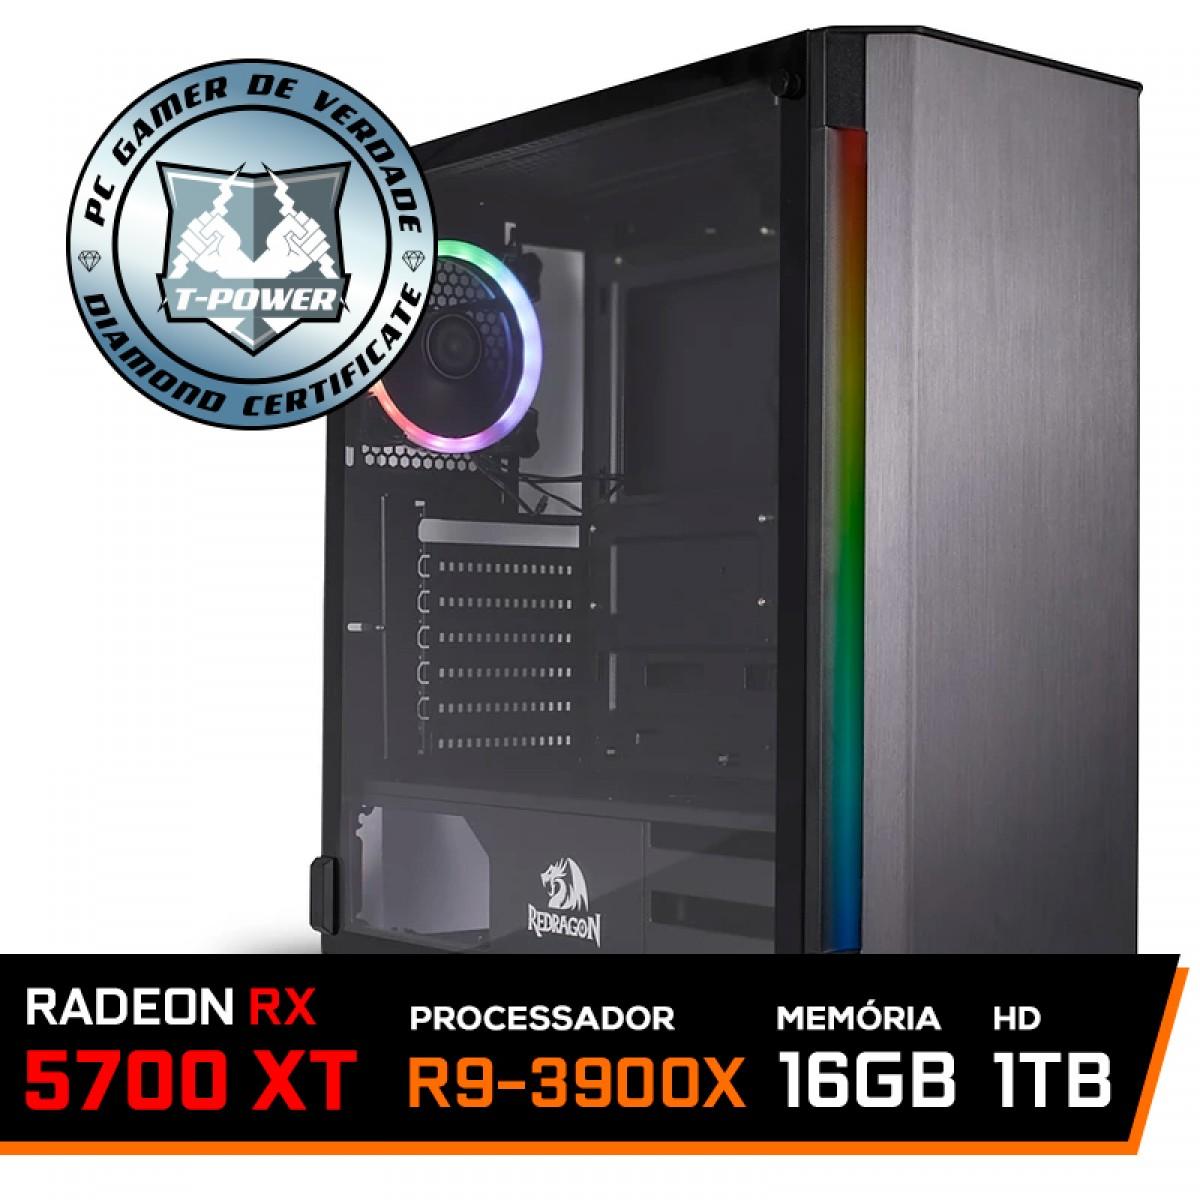 Pc Gamer T-Power Stormbreaker Lvl-4 AMD Ryzen 9 3900X / Radeon NAVI RX 5700 XT 8GB / DDR4 16GB / HD 1TB / 700W